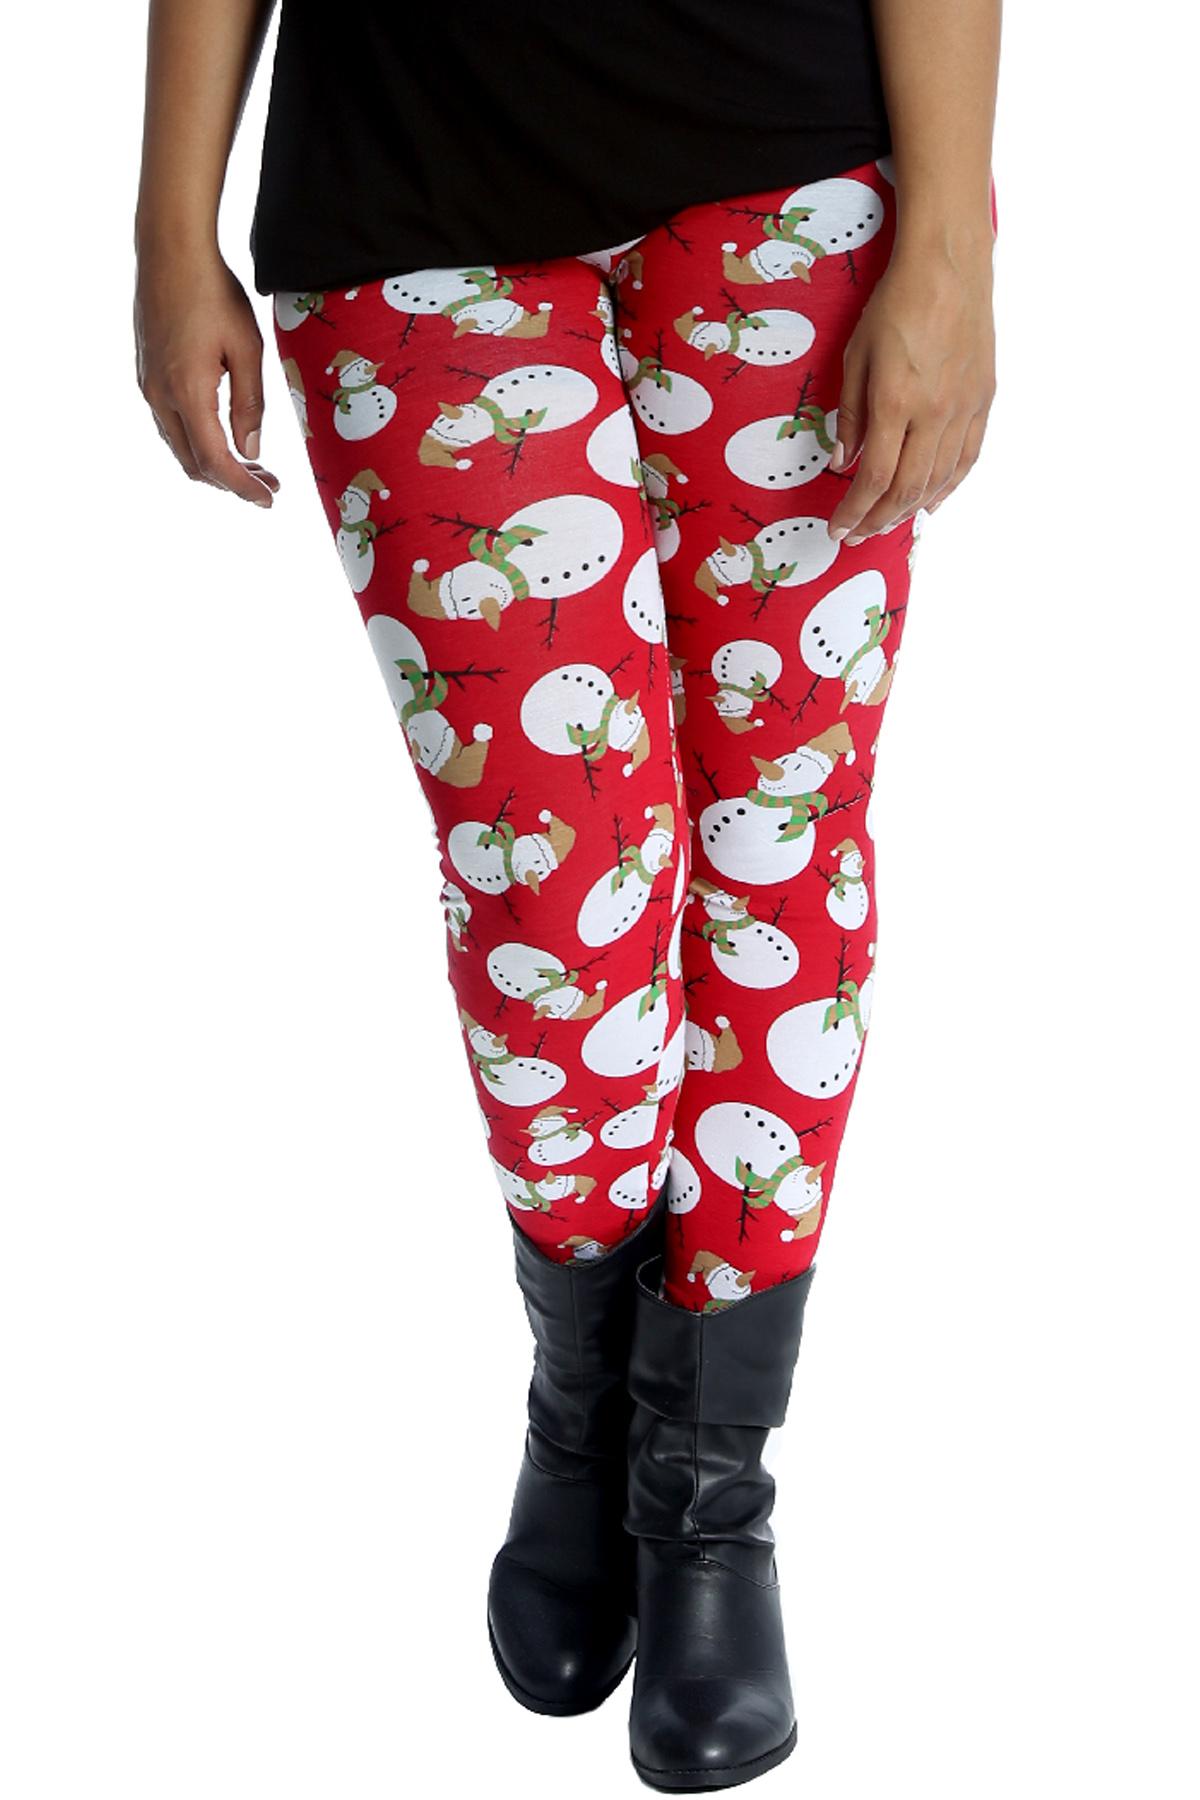 Plus Size Christmas Leggings.Details About New Womens Leggings Plus Size Christmas Ladies Snowman Print Party Xmas Nouvelle